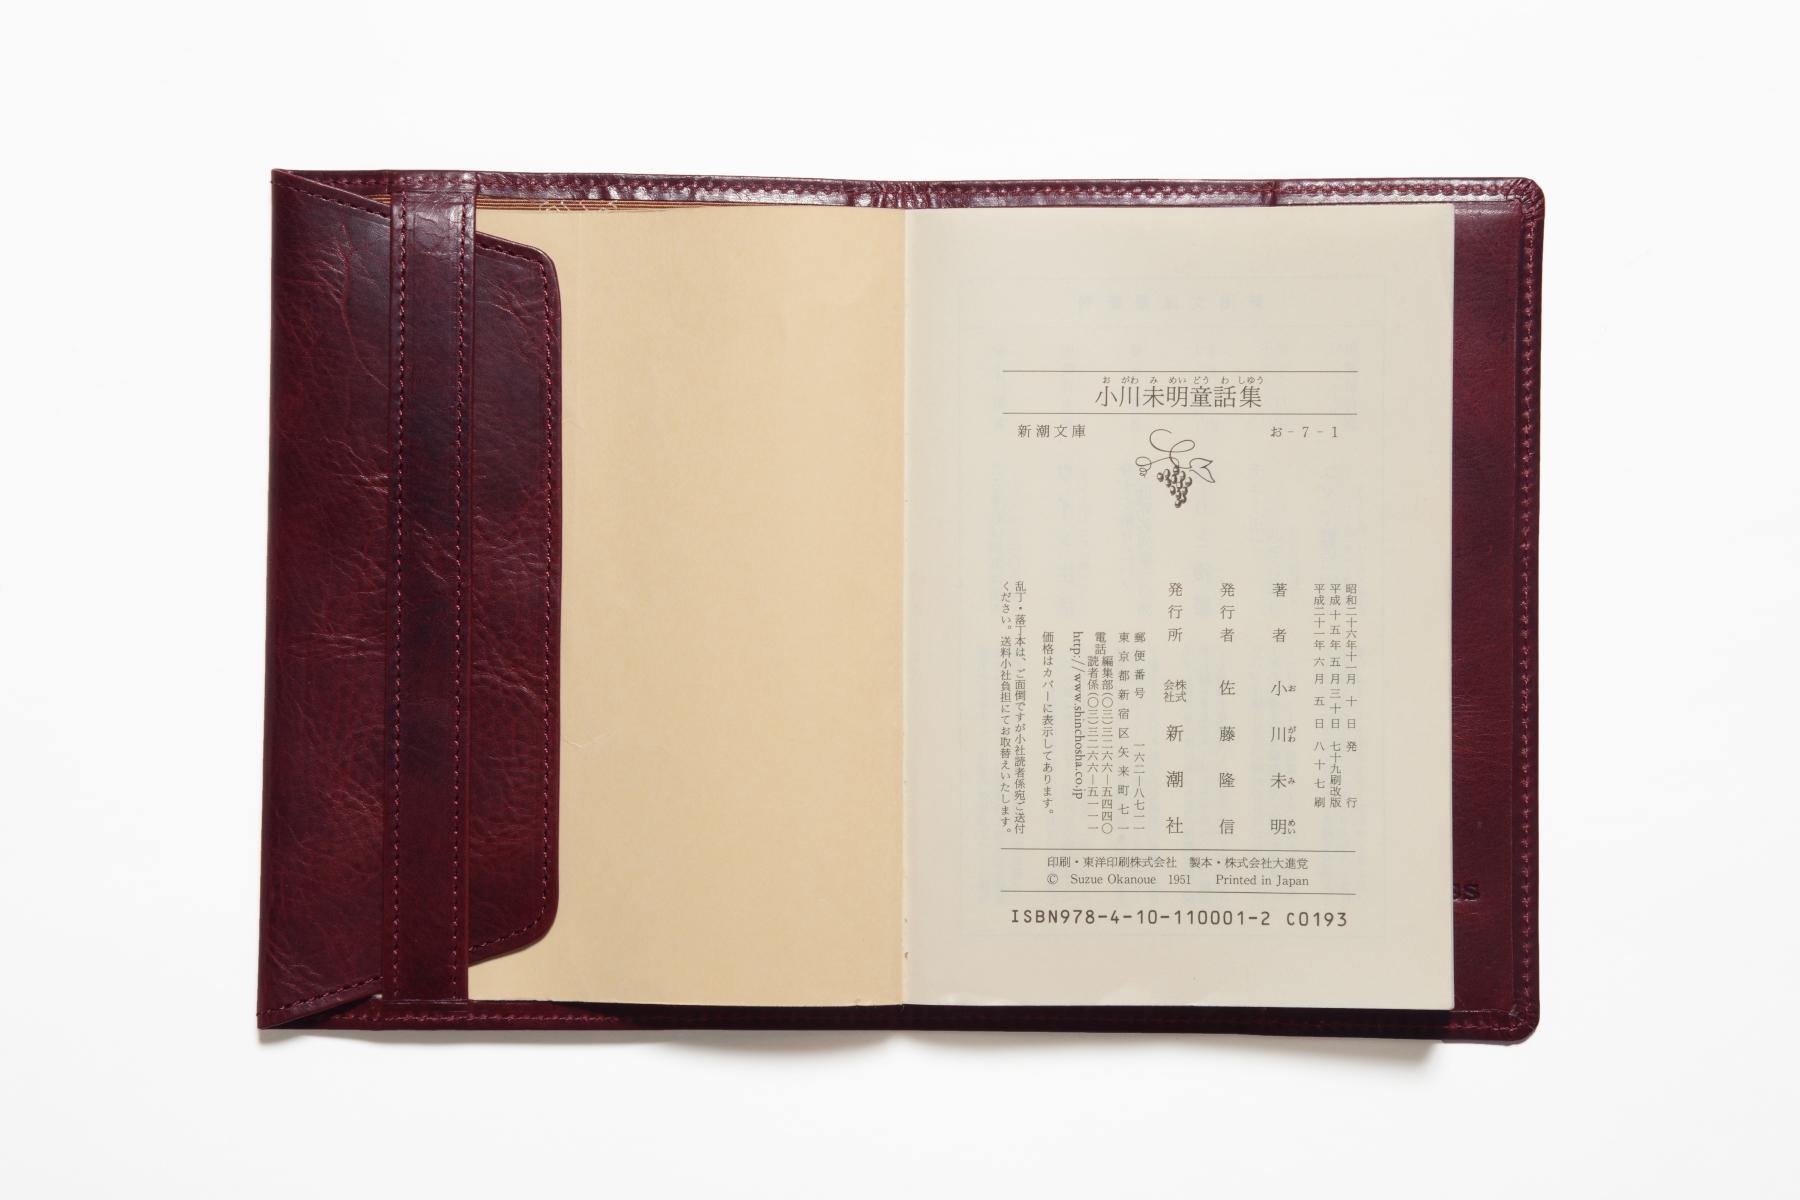 本革製ブックカバー・古城のオールドワインに本を挟み込んだ様子